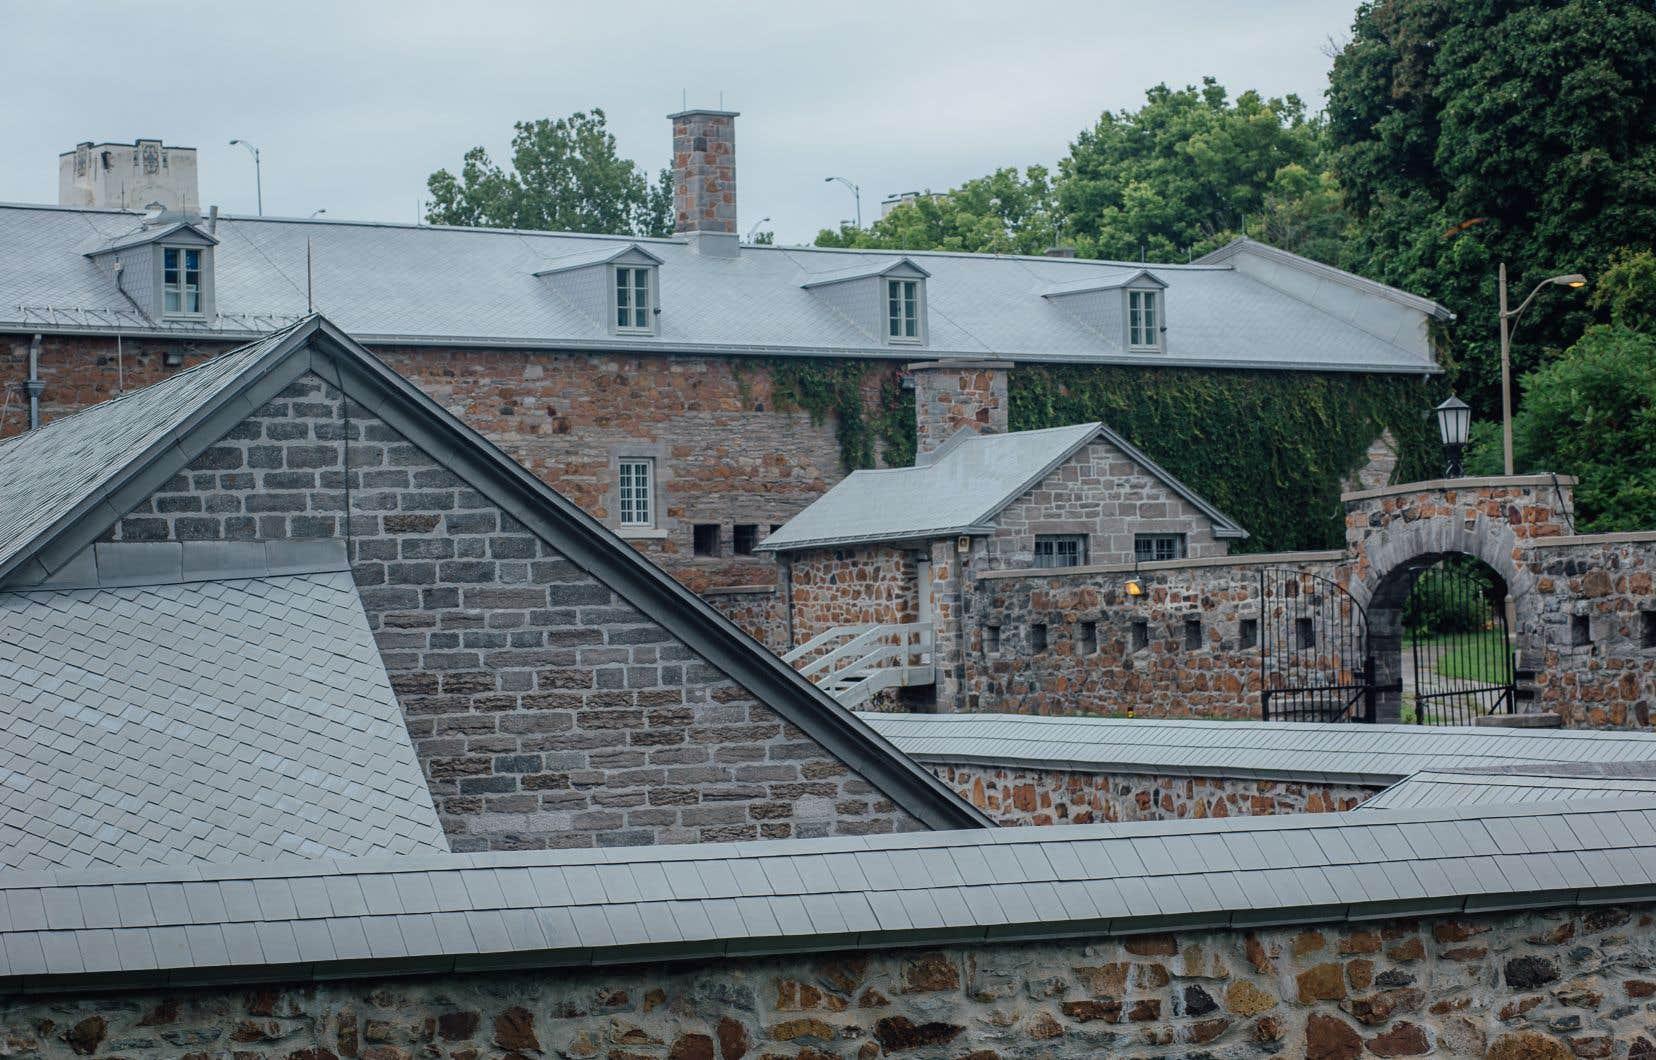 L'ancienne caserne militaire de l'île Sainte-Hélène, située au pied du pont Jacques-Cartier, en vue de Montréal, avait été spécialement réaménagée durant la Deuxième Guerre mondiale pour y enfermer des prisonniers envoyés au Canada par l'Angleterre.